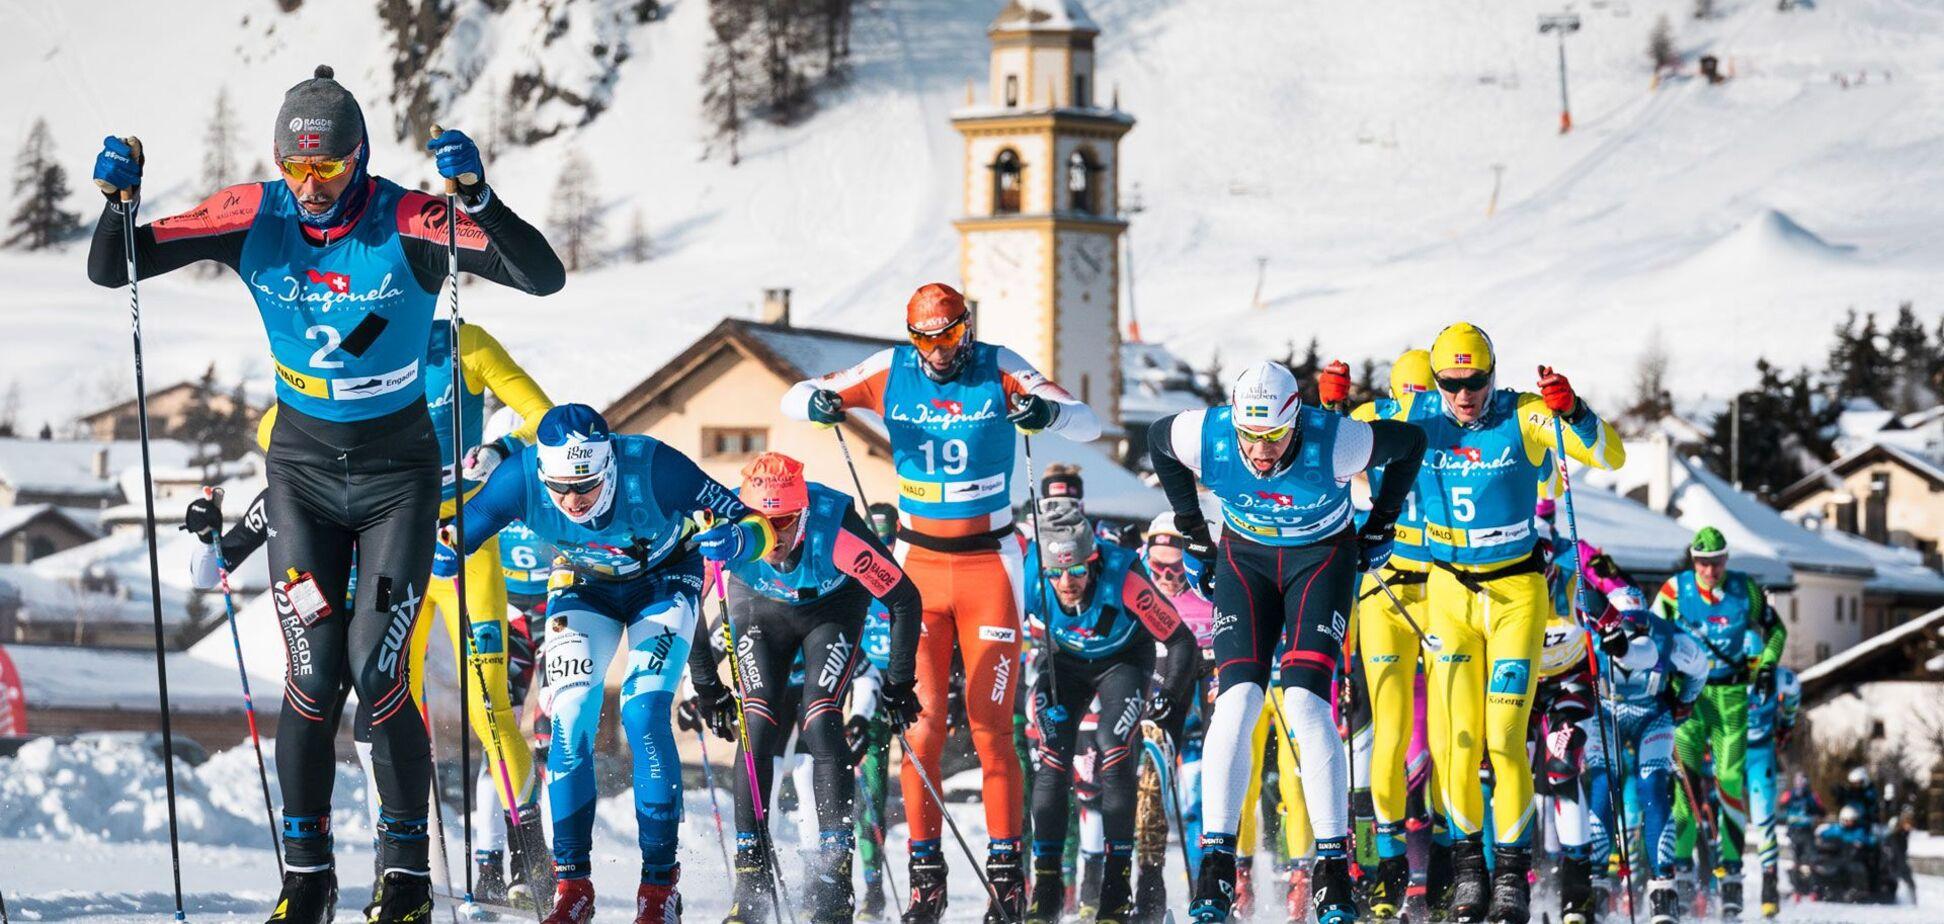 Лыжники во время заезда на марафоне La Diagonela